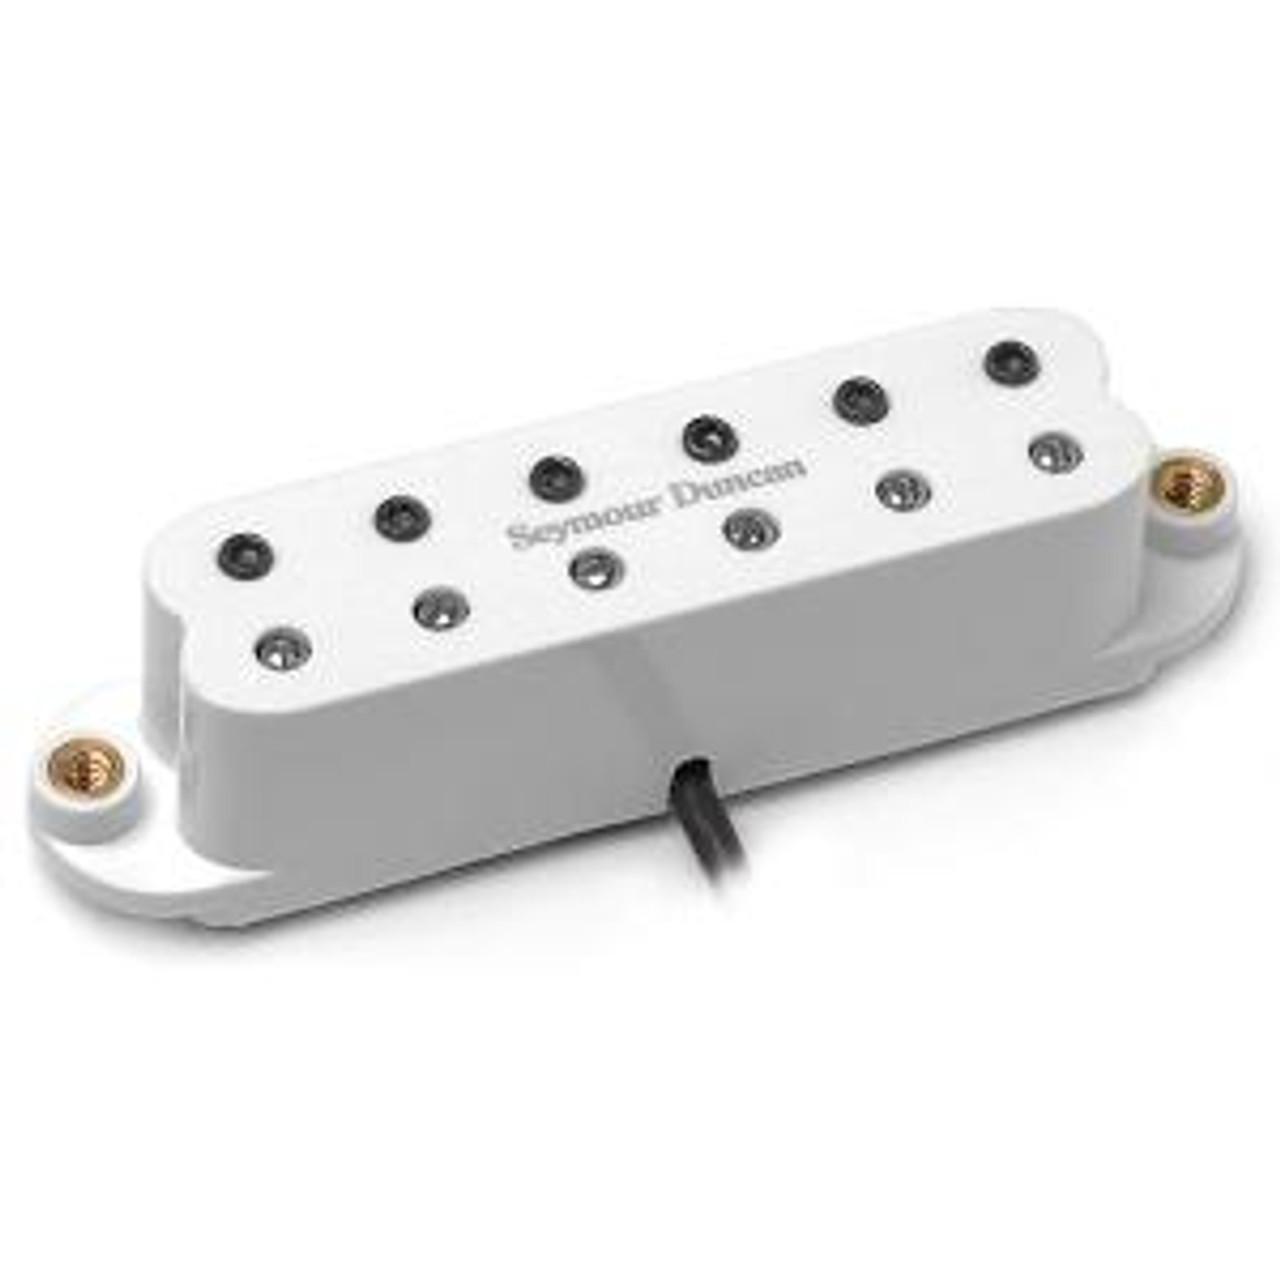 Seymour Duncan Lil '59 Model Neck Position Pickup - White